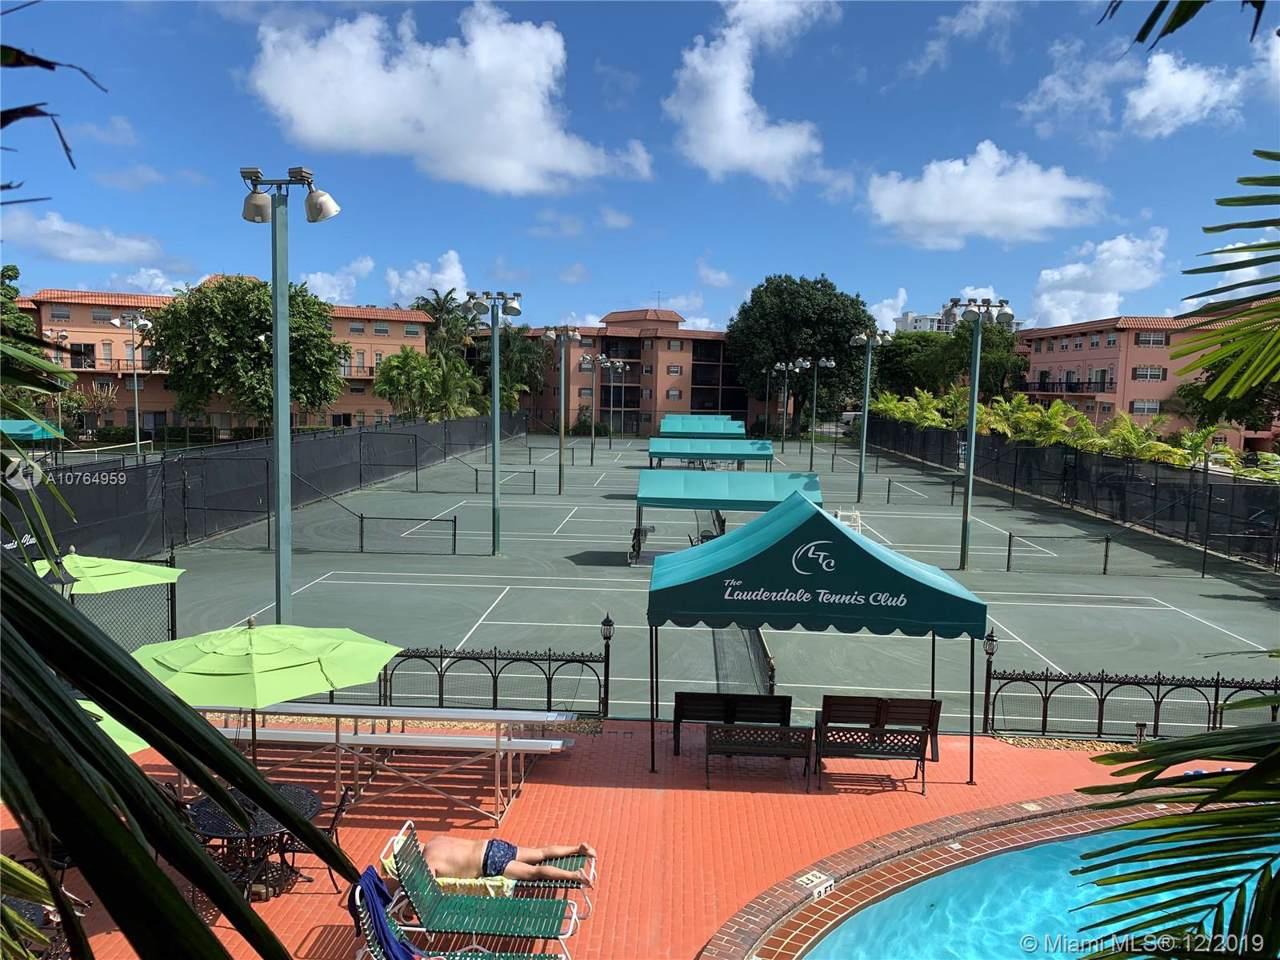 660 Tennis Club Dr. - Photo 1